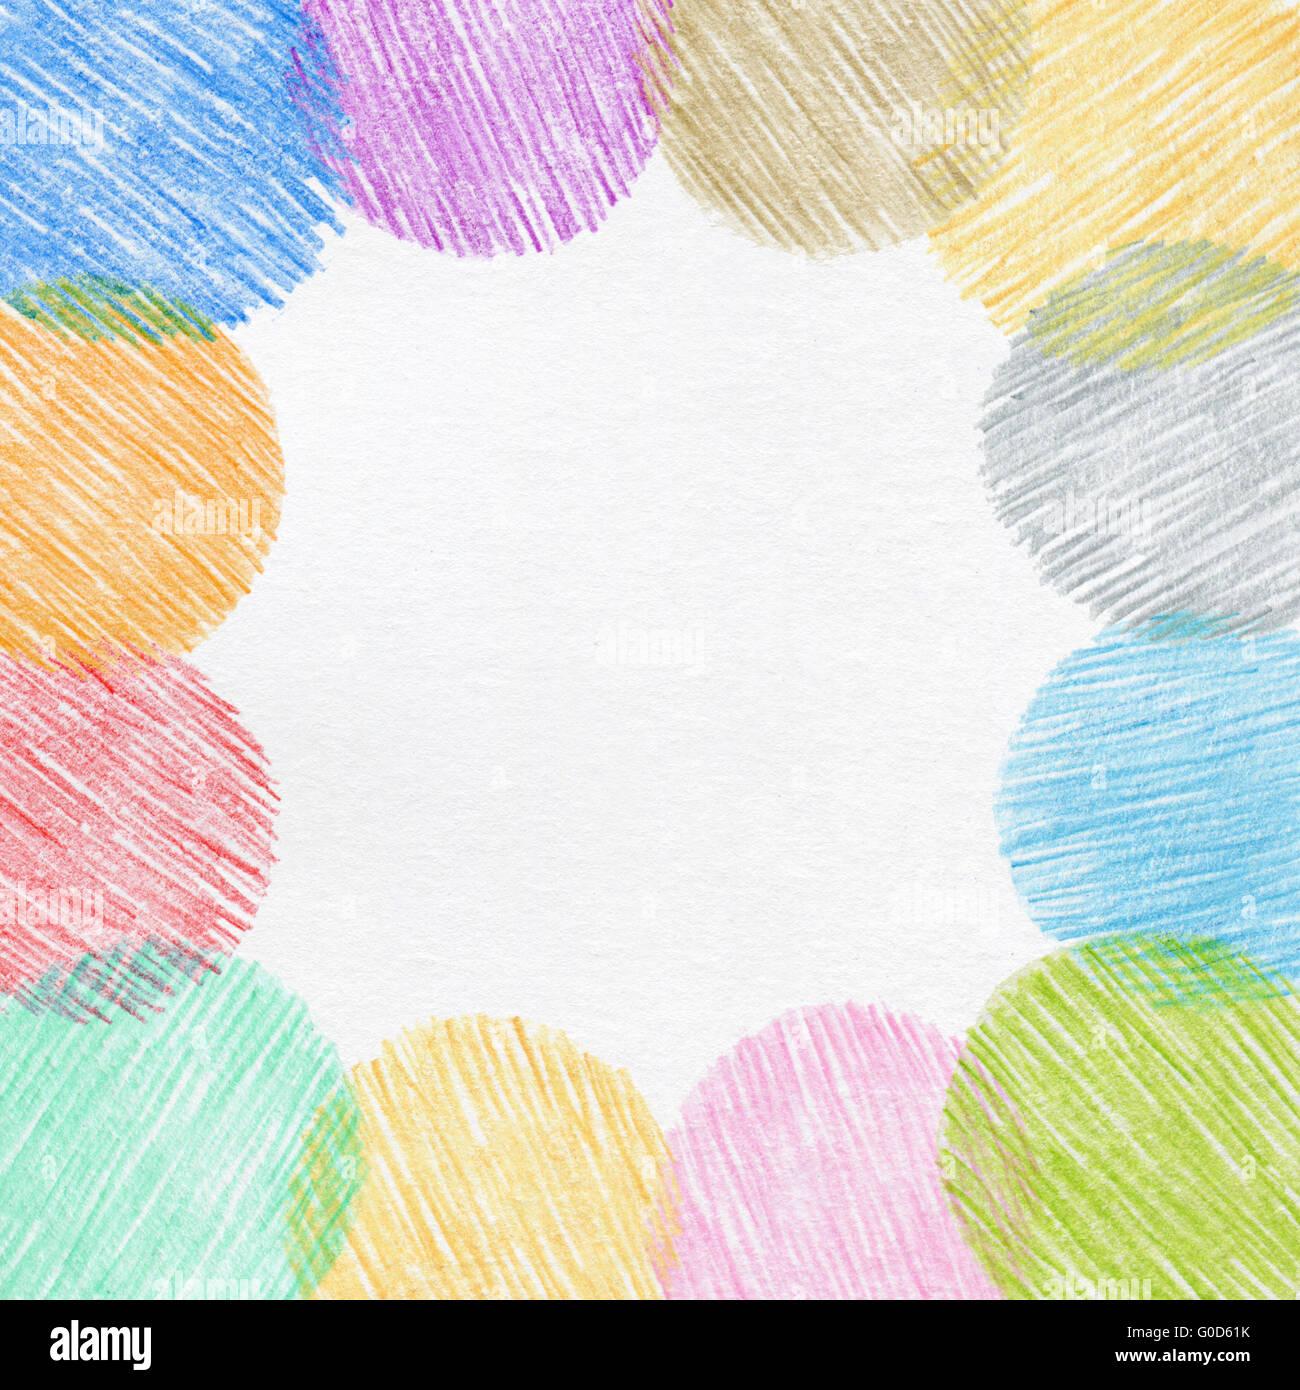 Hand Farbe Bleistift Zeichnungsrahmen Stockfoto, Bild: 103552335 - Alamy